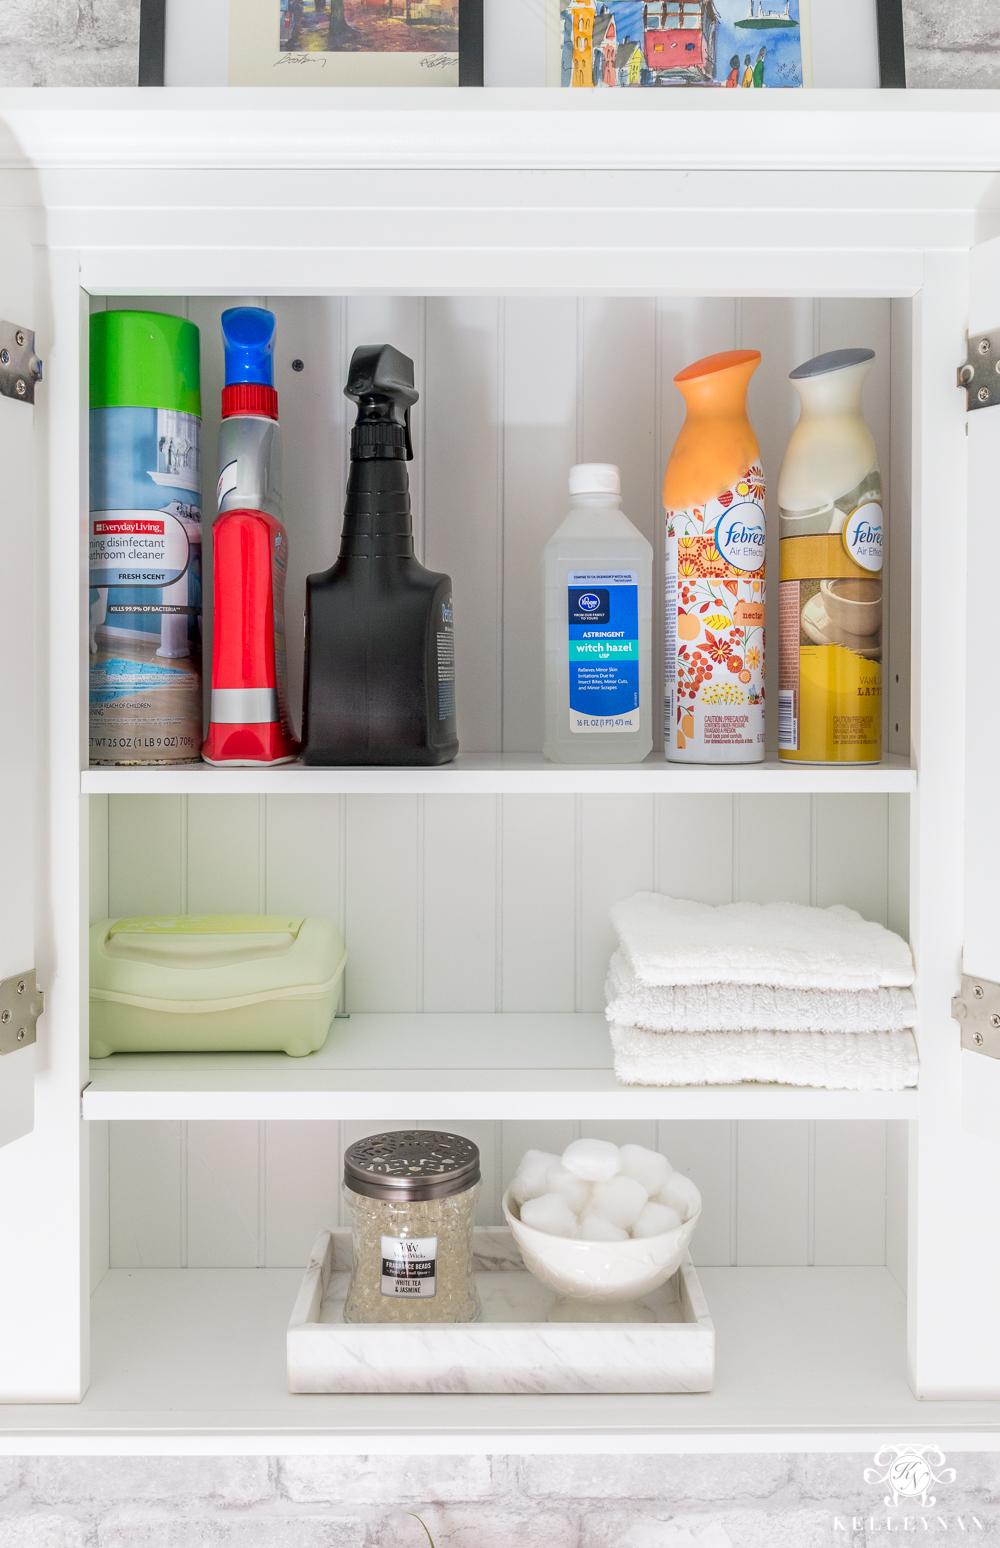 Fullsize Of Bathroom Shelving Solutions